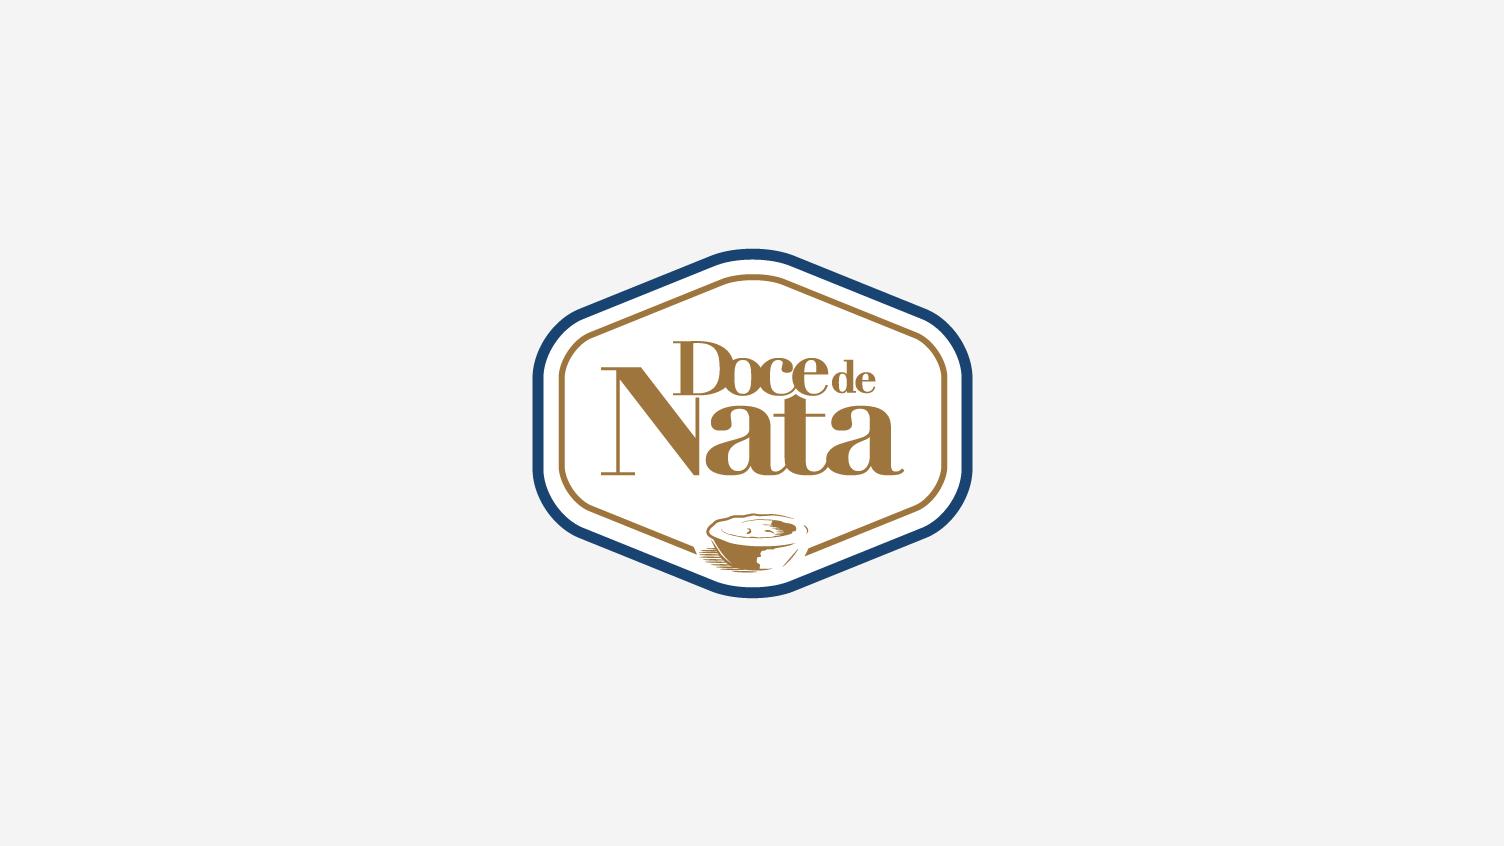 Identité-Doce-de-Nata-A